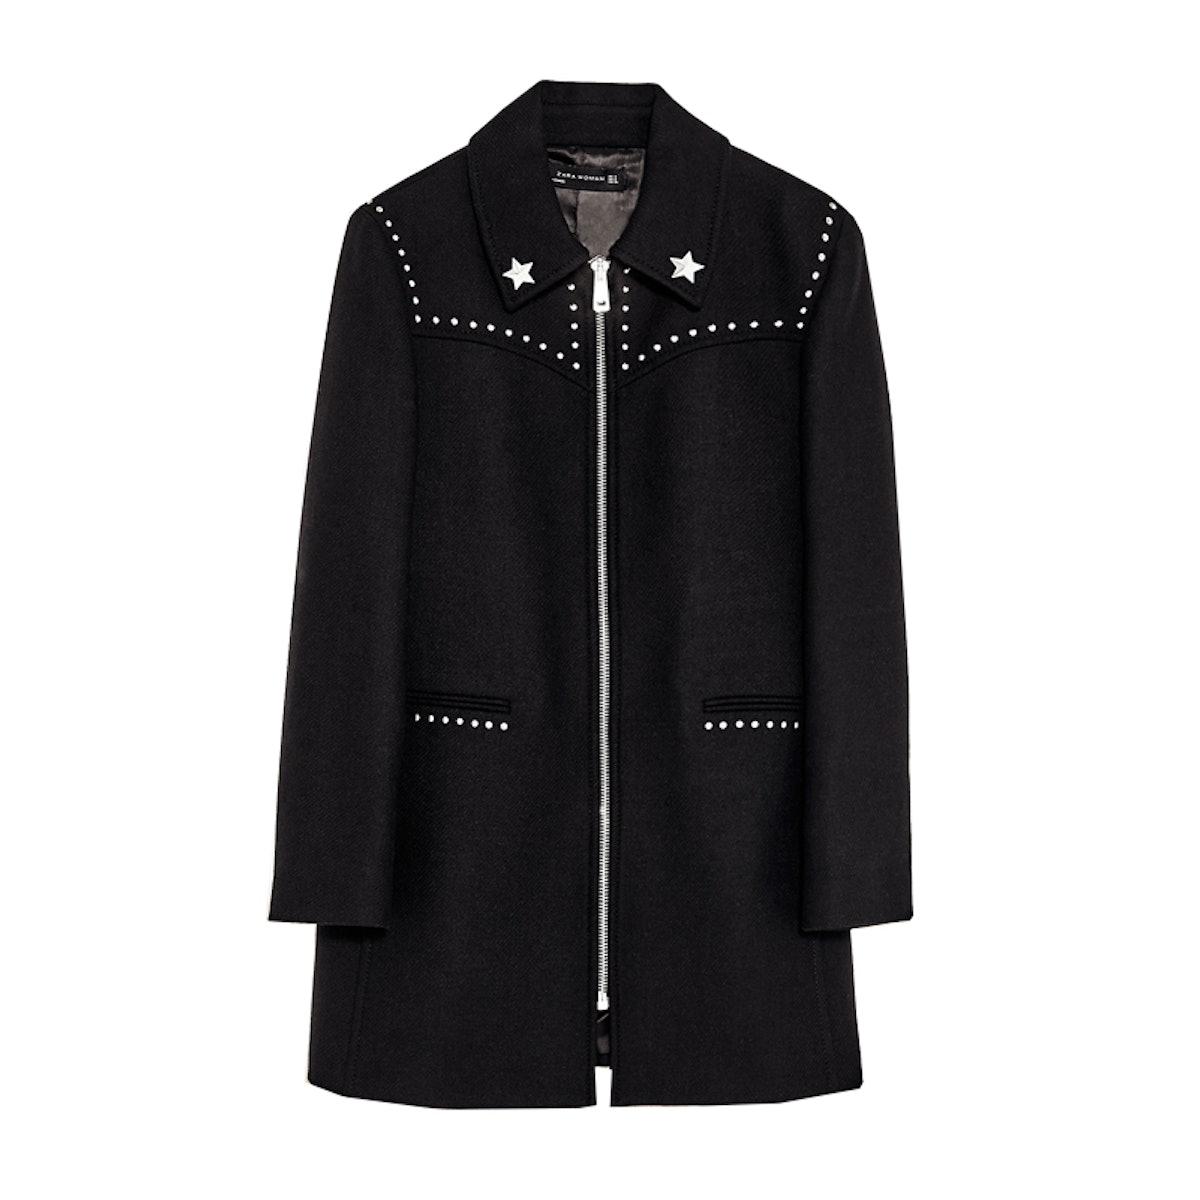 Coat With Metallic Details